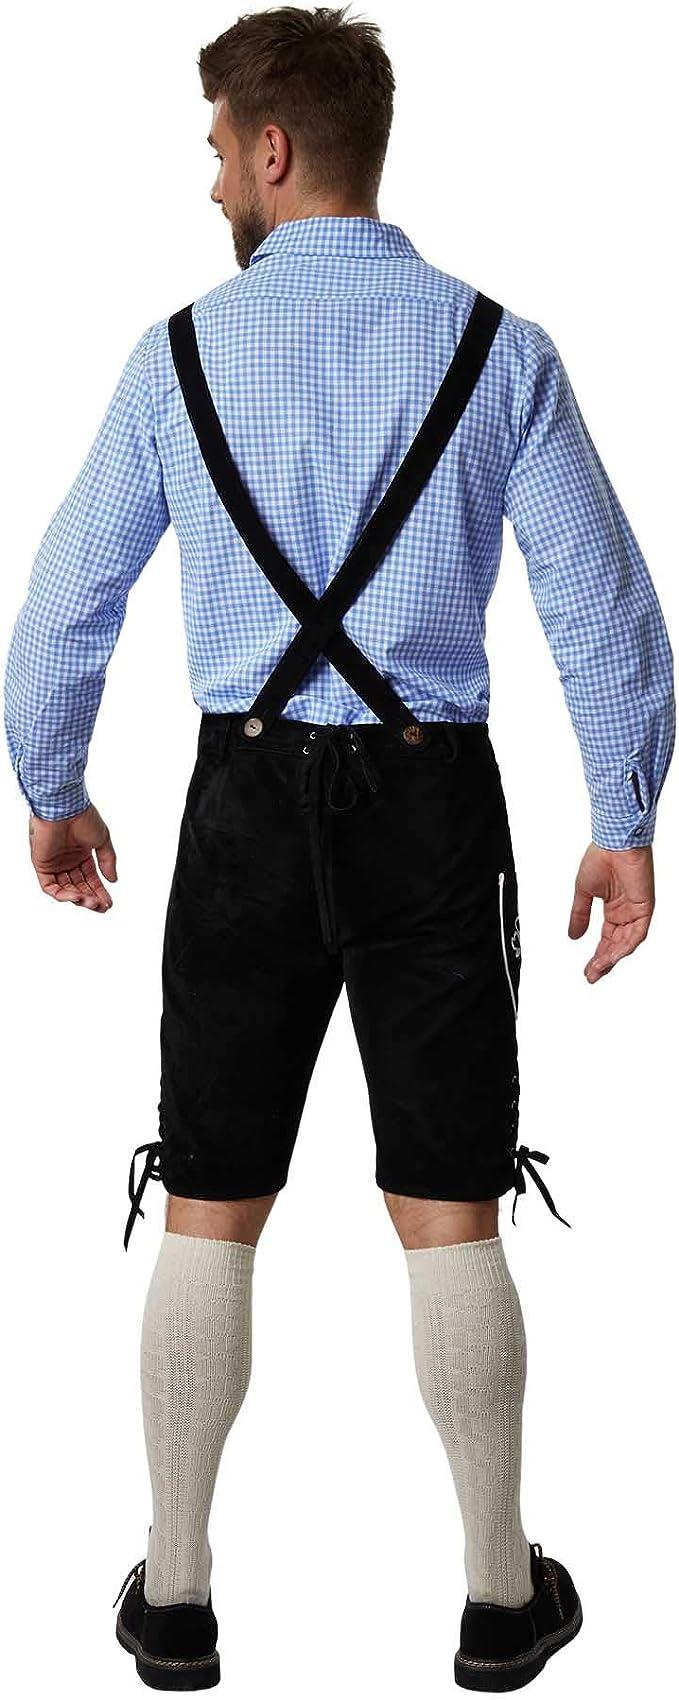 dressforfun 950004 Traje Regional Alemán para Hombre, Conjunto Tres Piezas, Pantalón Negro con Tirantes, Camisa Blanca Azul & Calcetines (Pantalón XL ...